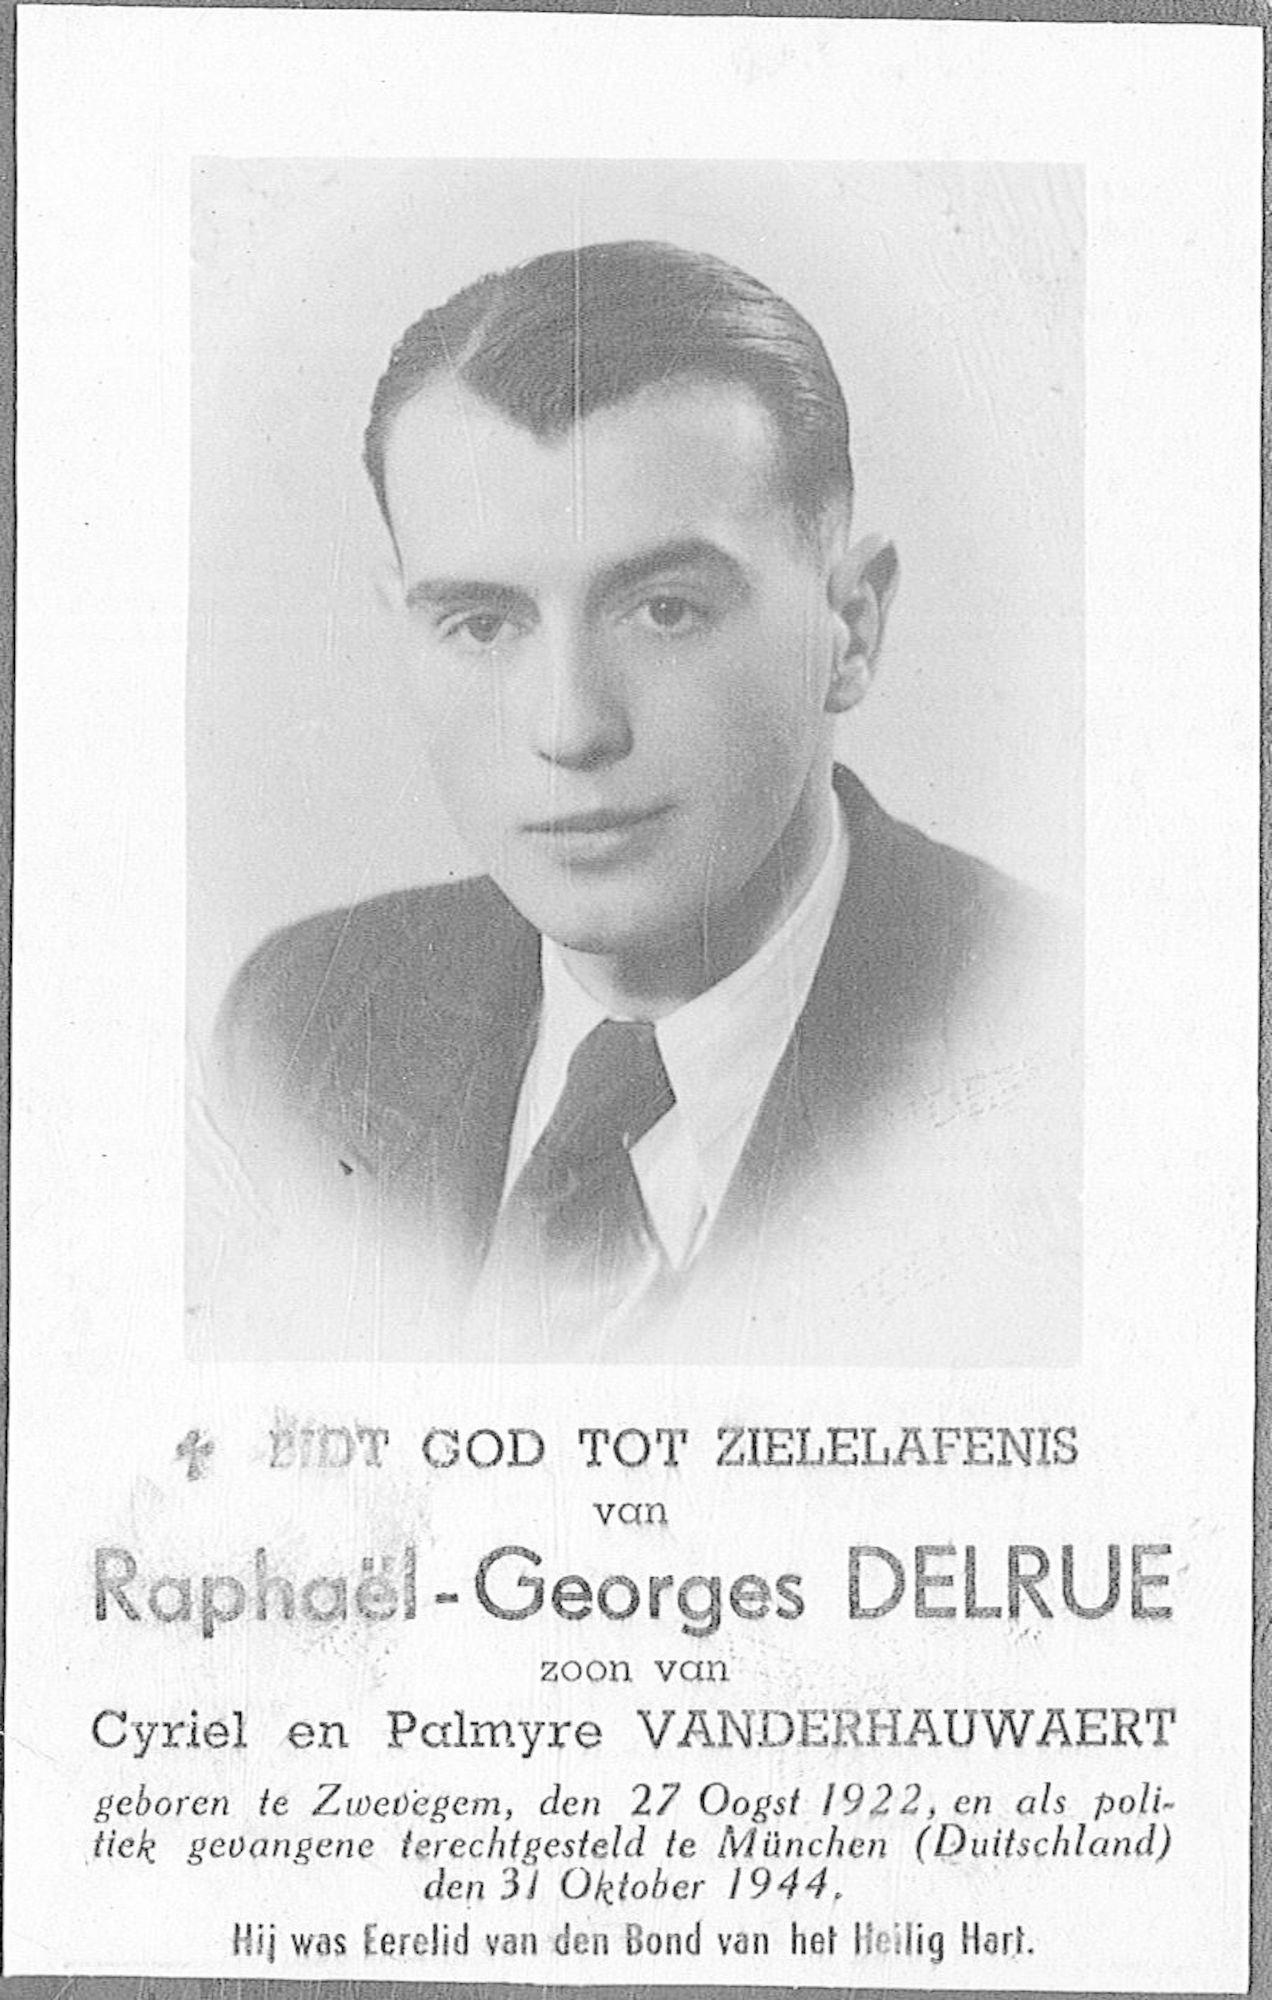 Raphaël-Georges Delrue